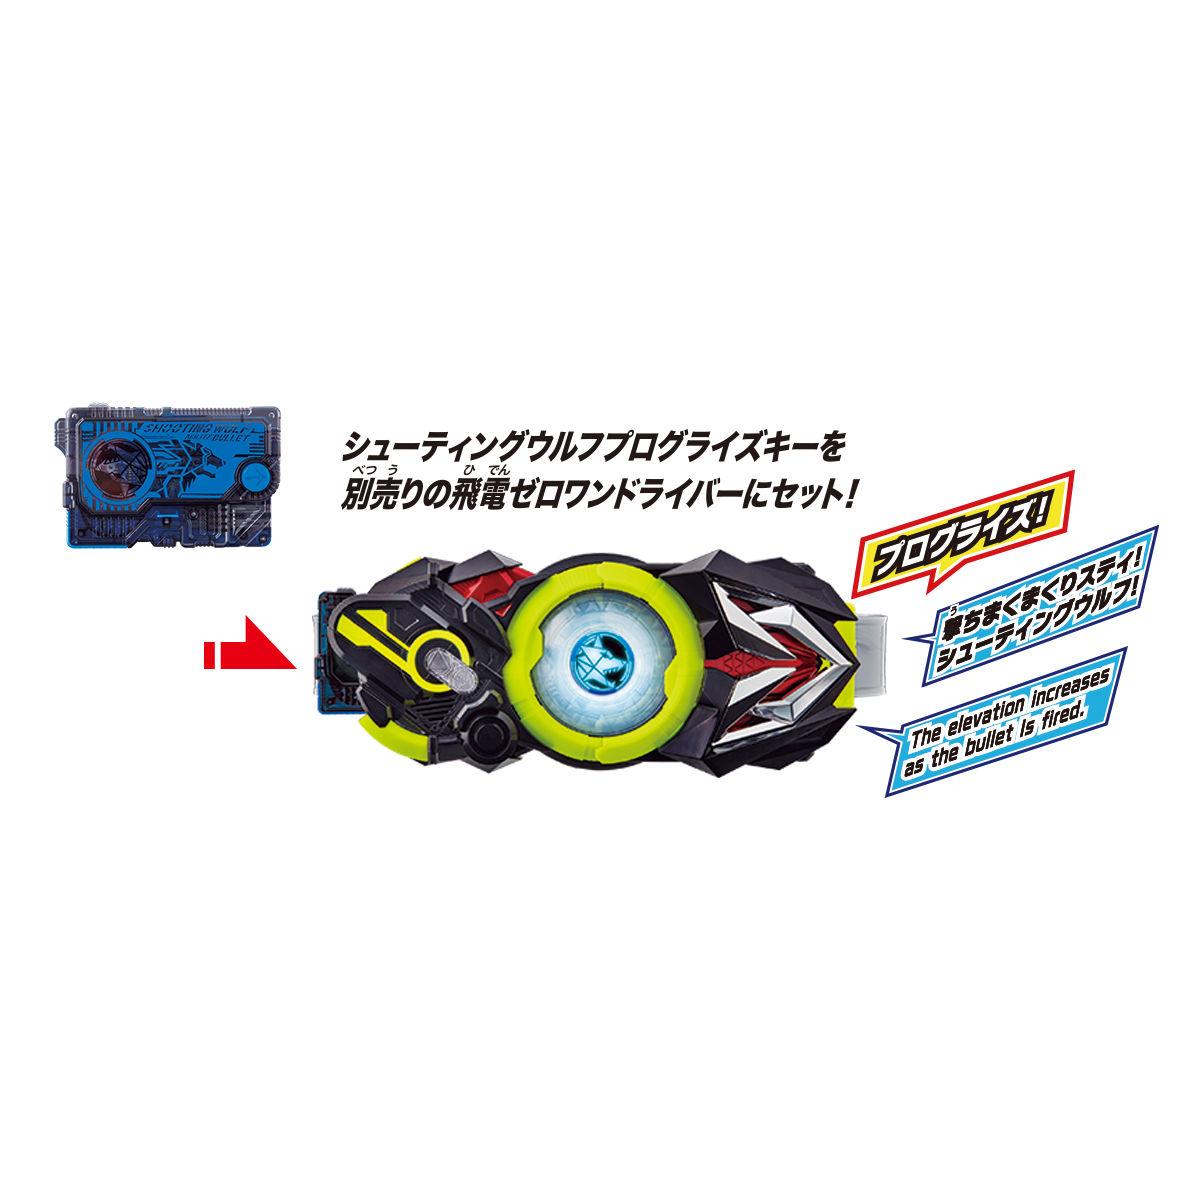 仮面ライダーゼロワン『DXエイムズショットライザー』変身なりきり-010